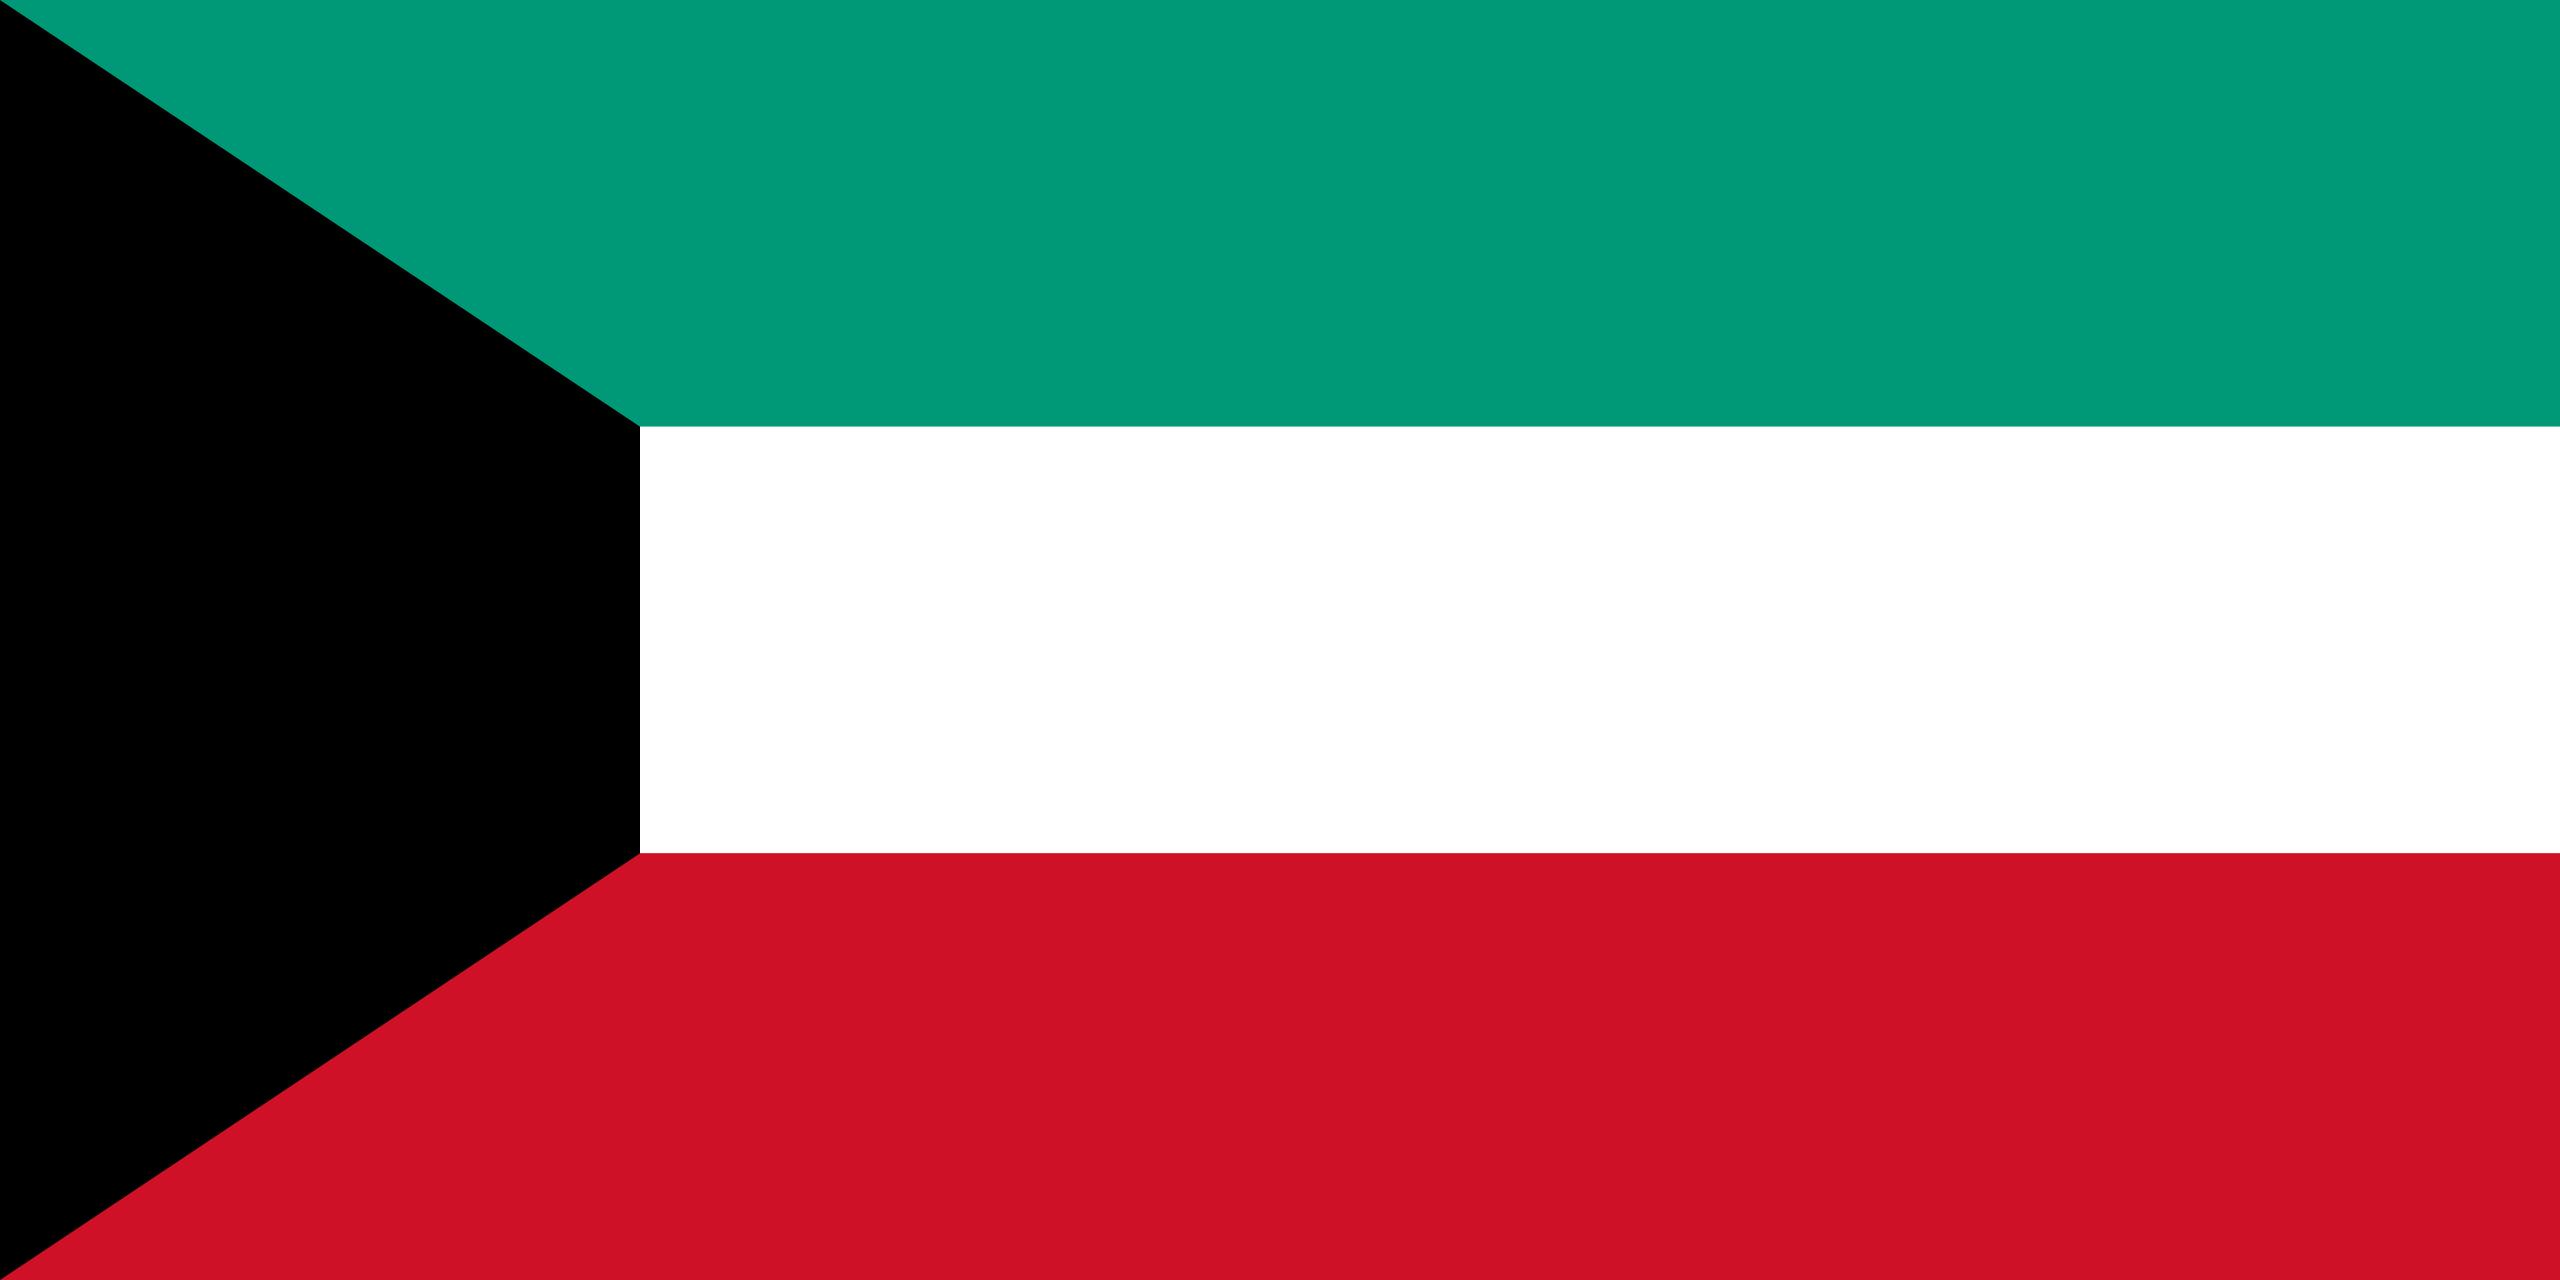 kuwait, país, emblema, insignia, símbolo - Fondos de Pantalla HD - professor-falken.com